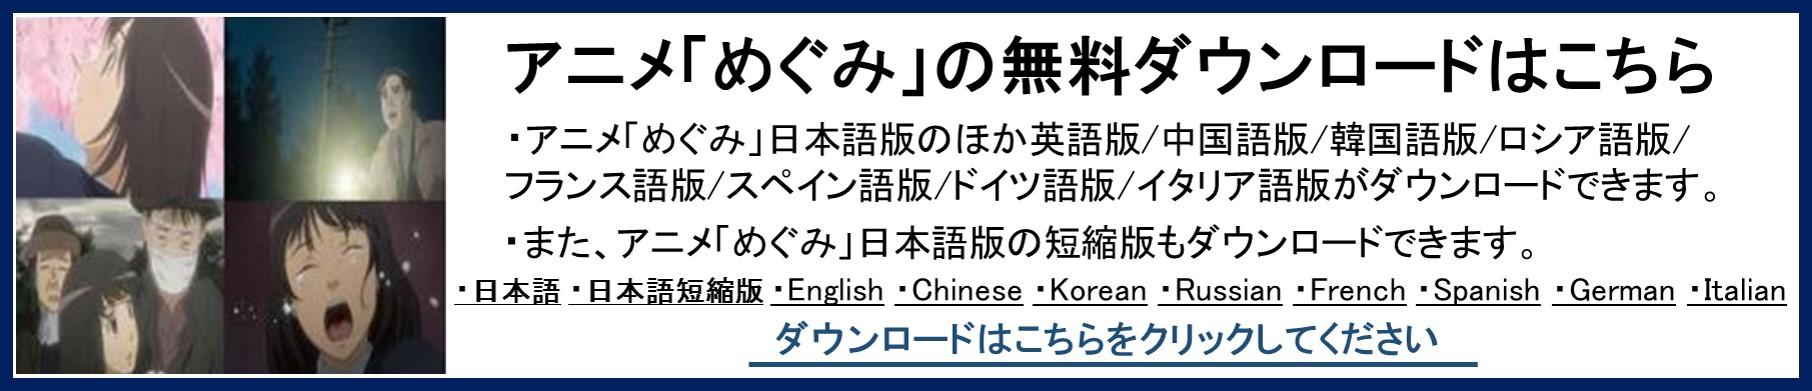 問題 日本 人 拉致